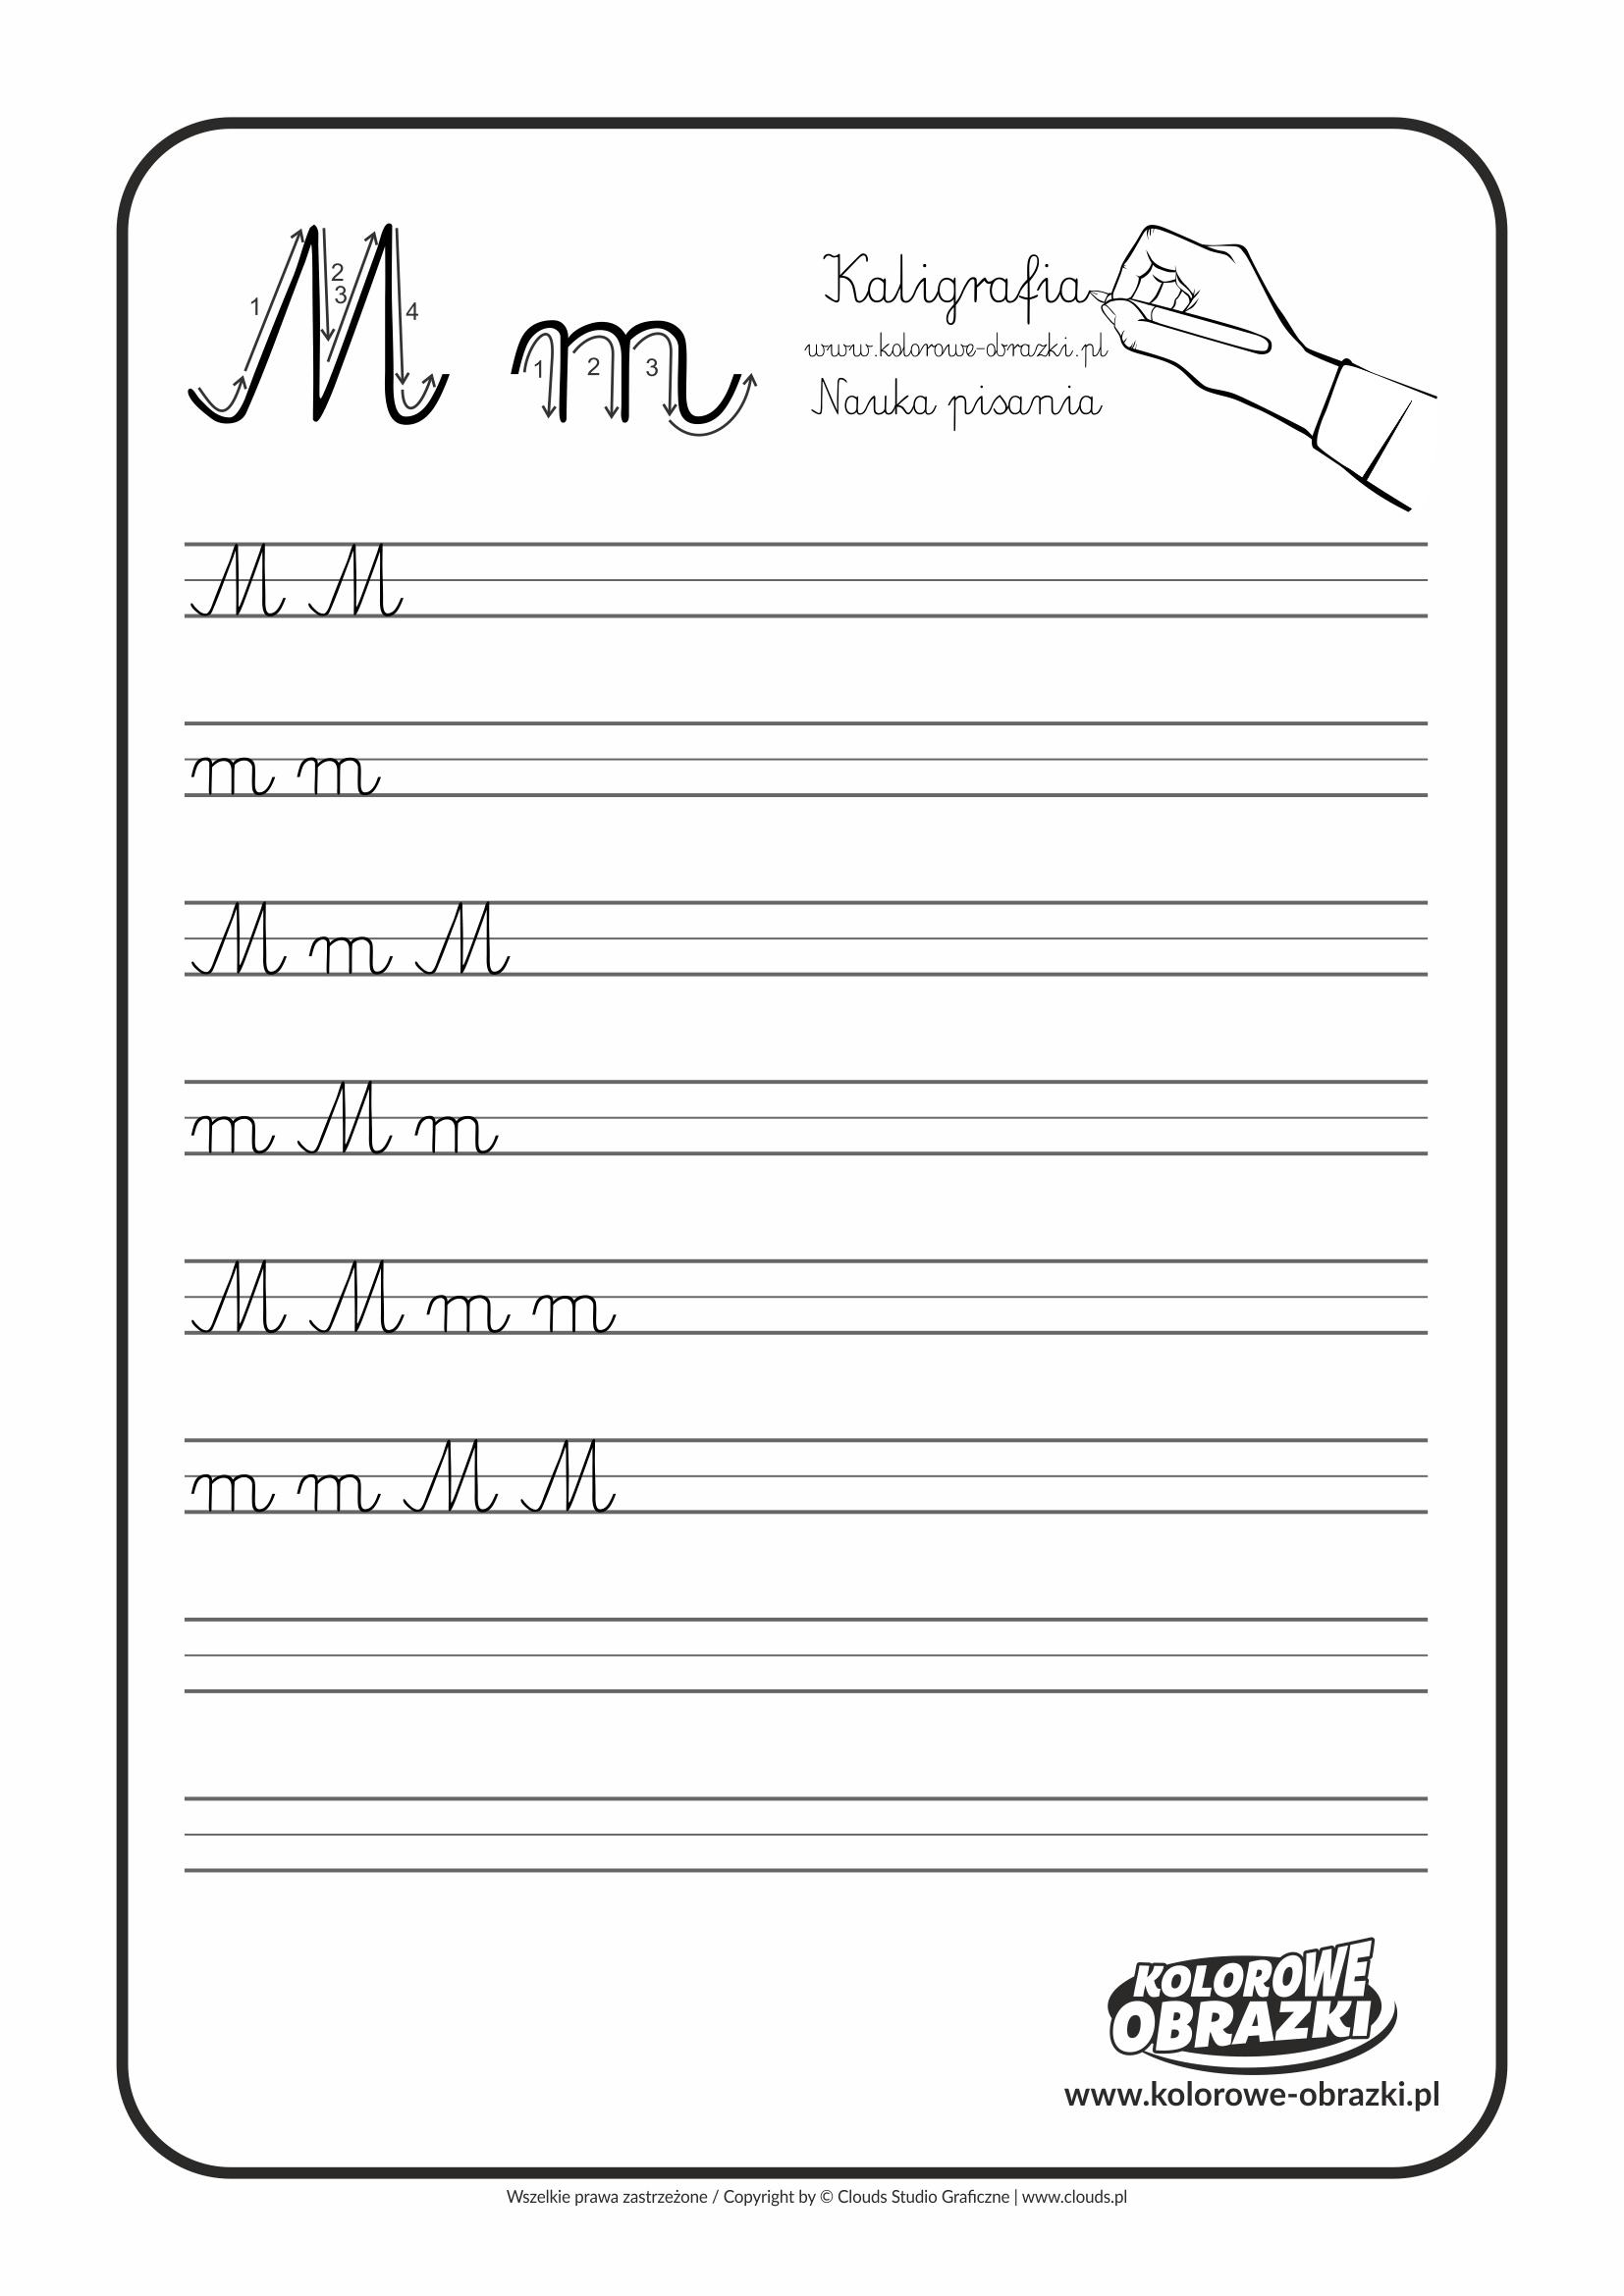 Kaligrafia dla dzieci - Ćwiczenia kaligraficzne / Litera M. Nauka pisania litery M